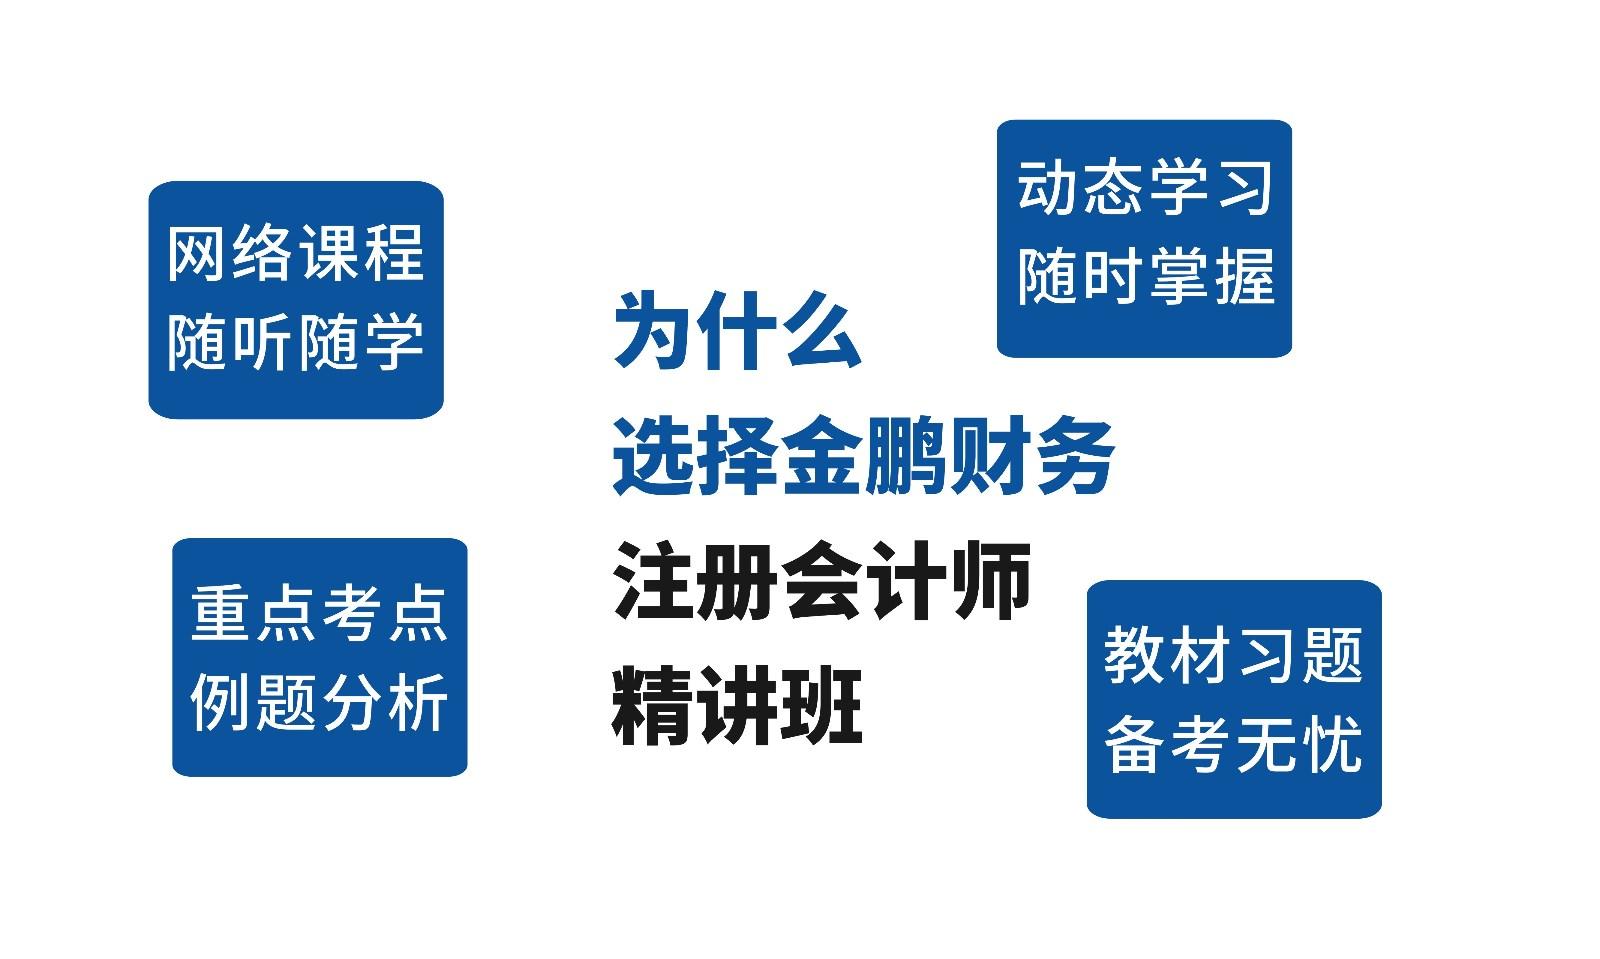 管理会计师报名机构_郑州职业培训哪里可以报名-郑州金鹏财务管理有限公司